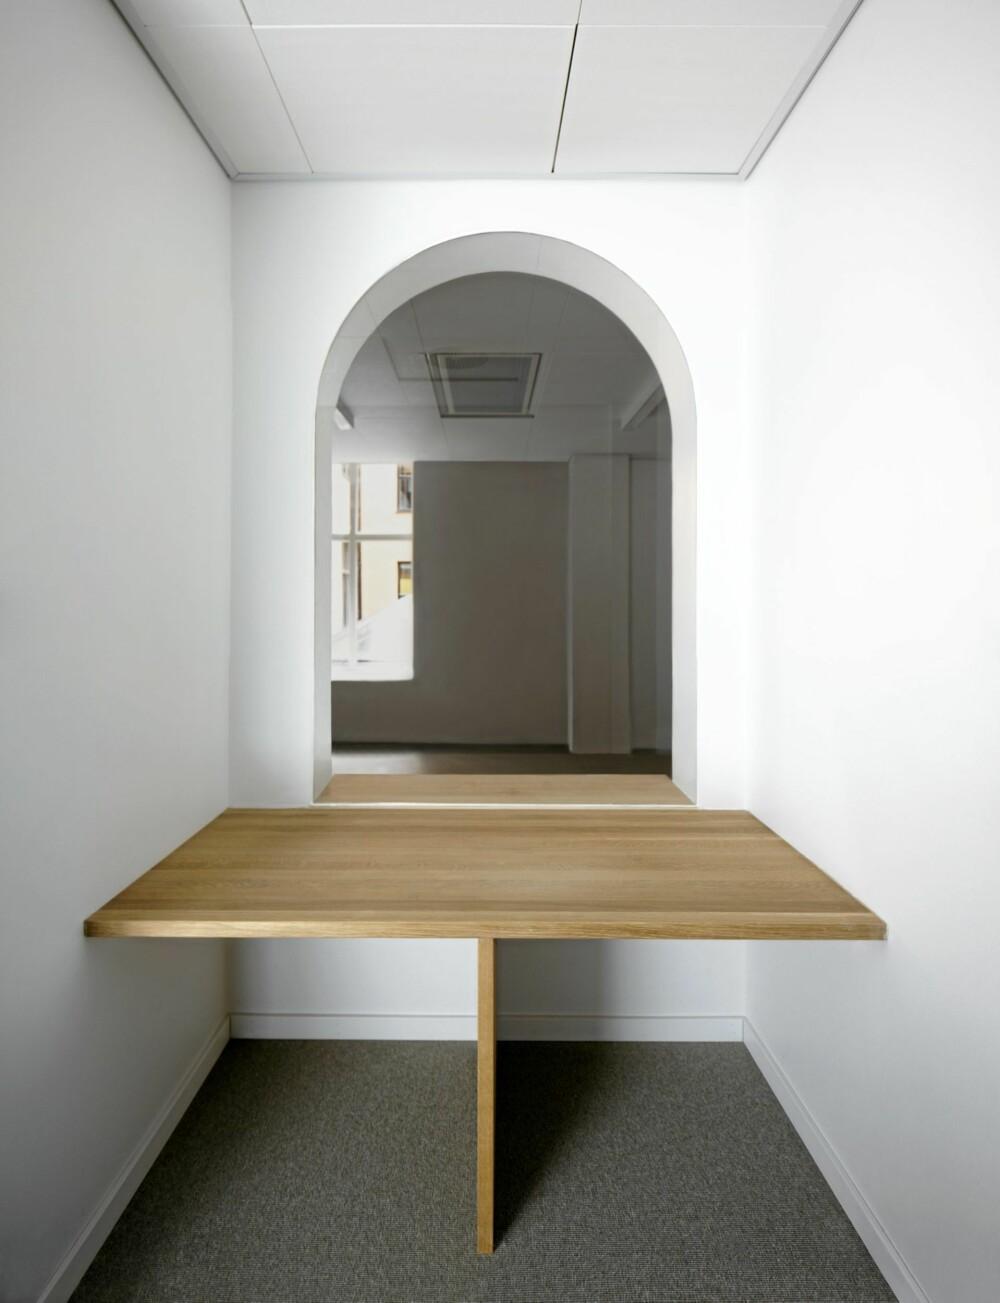 Et av tre møterom inne i klosterhagen.